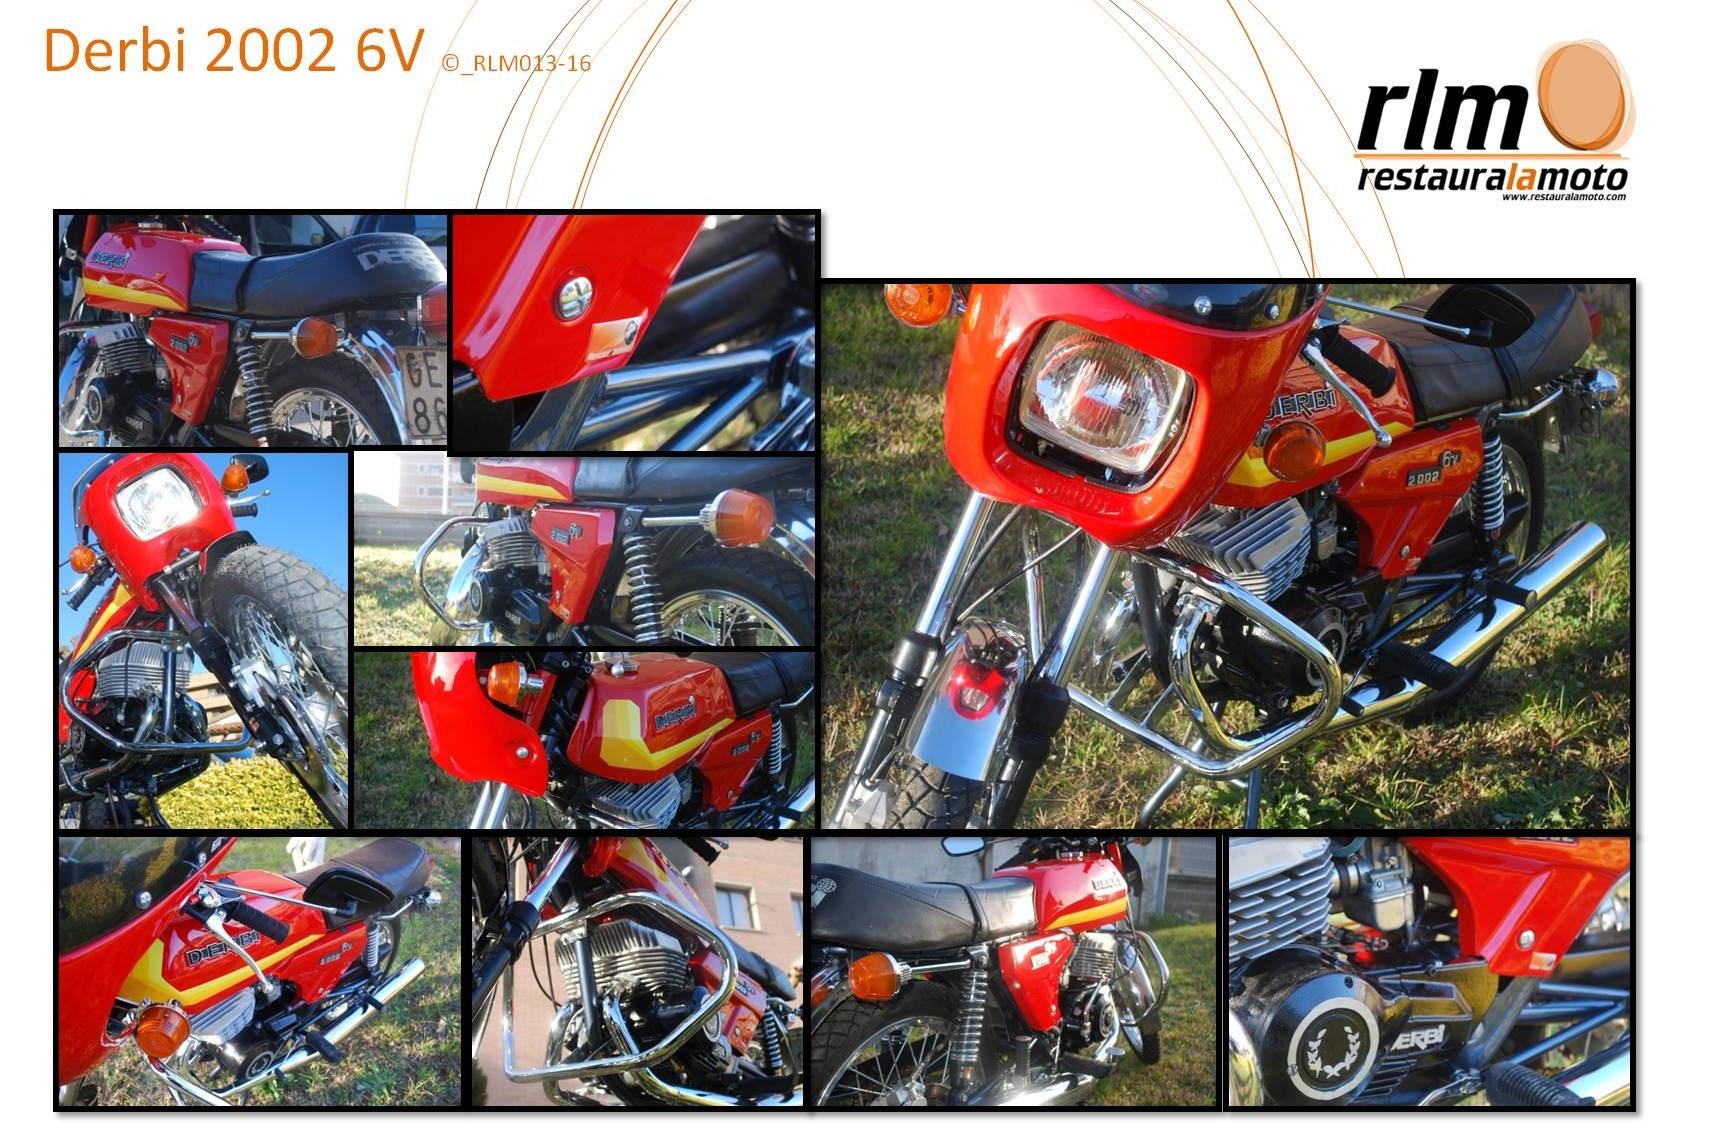 Restaura la moto Derbi 2002